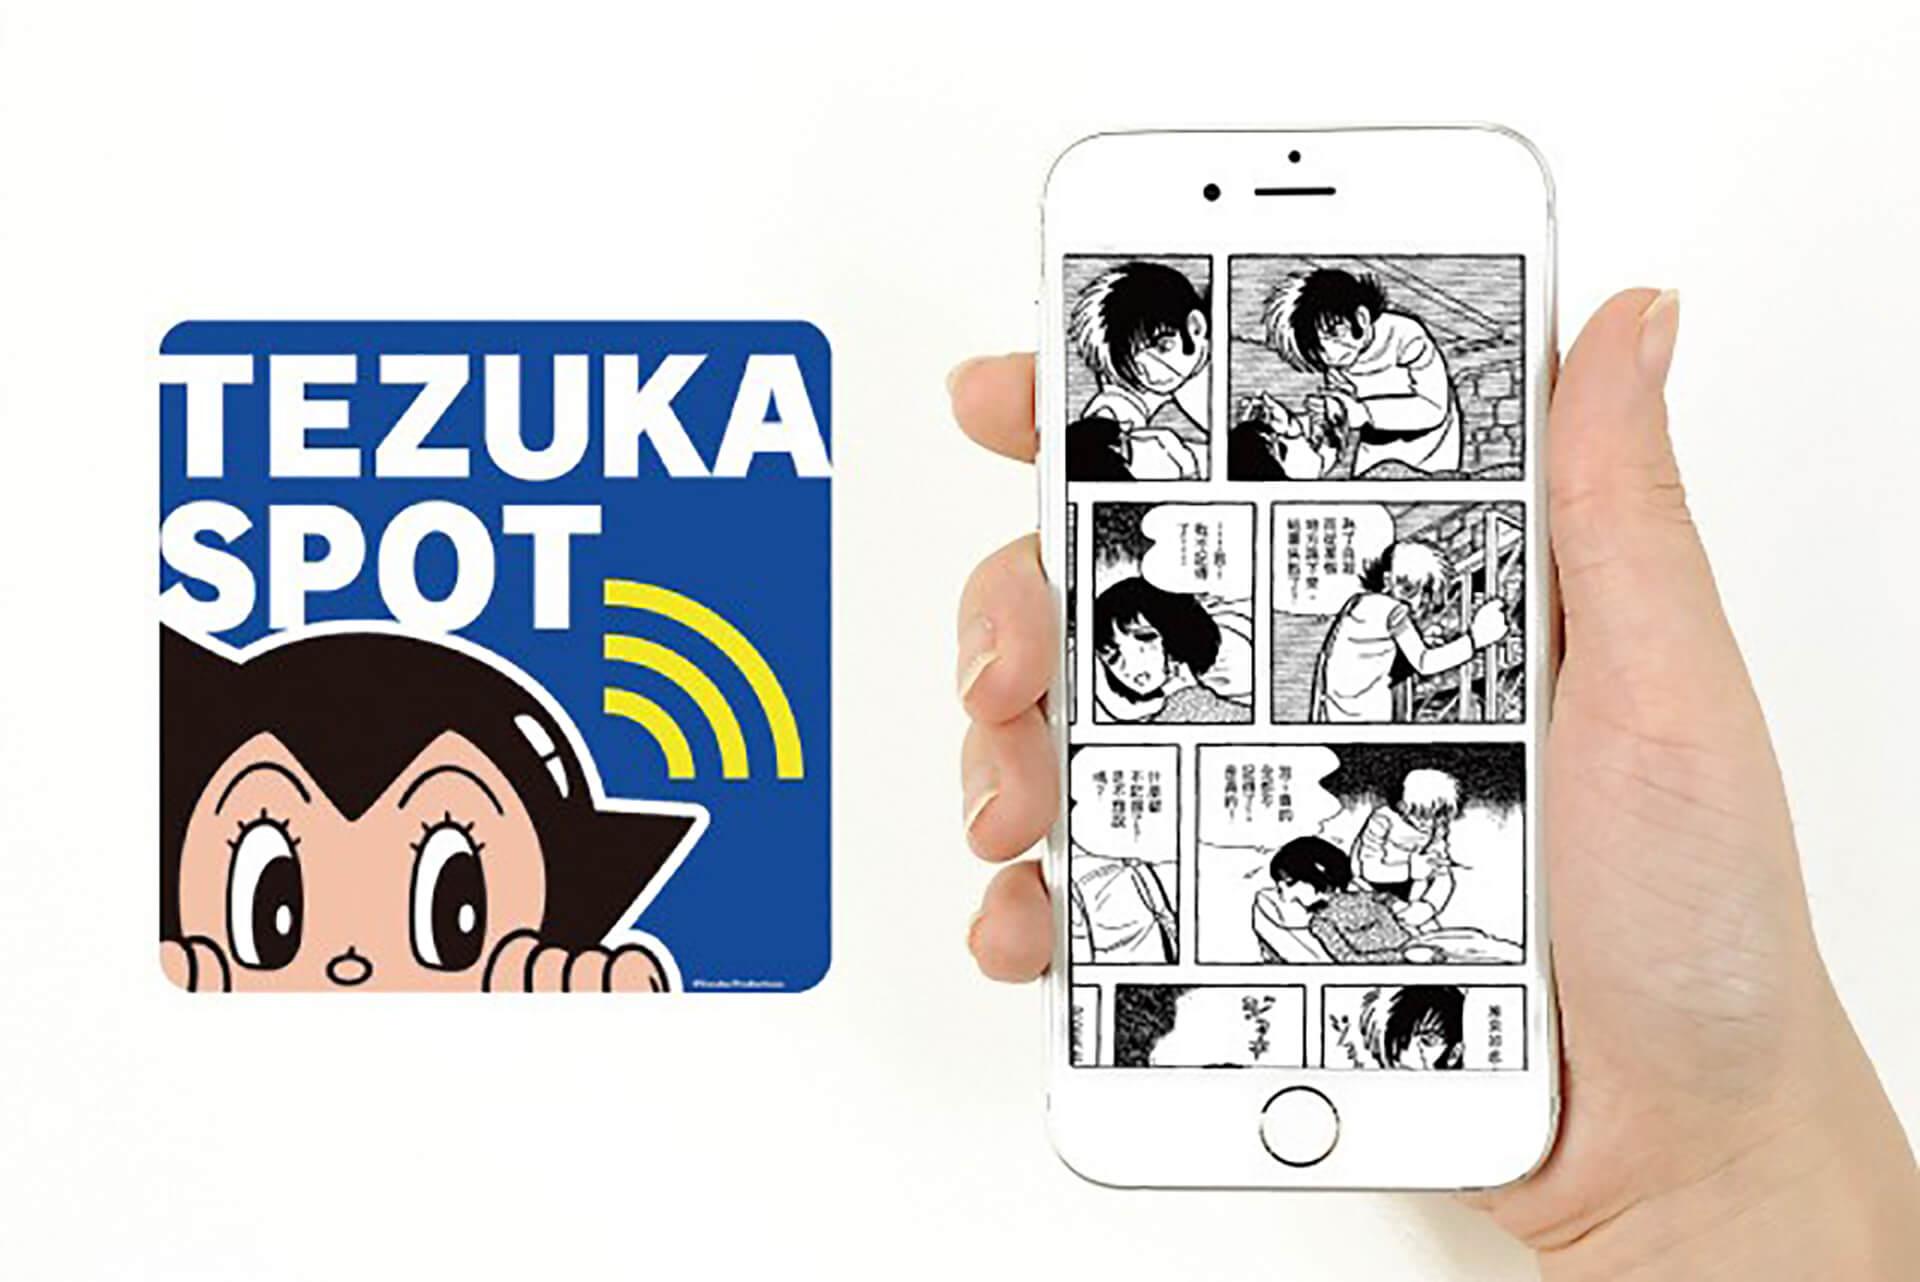 この写真はアトム堂本舗のカフェで利用できる漫画を読めるウェブサービスの様子です